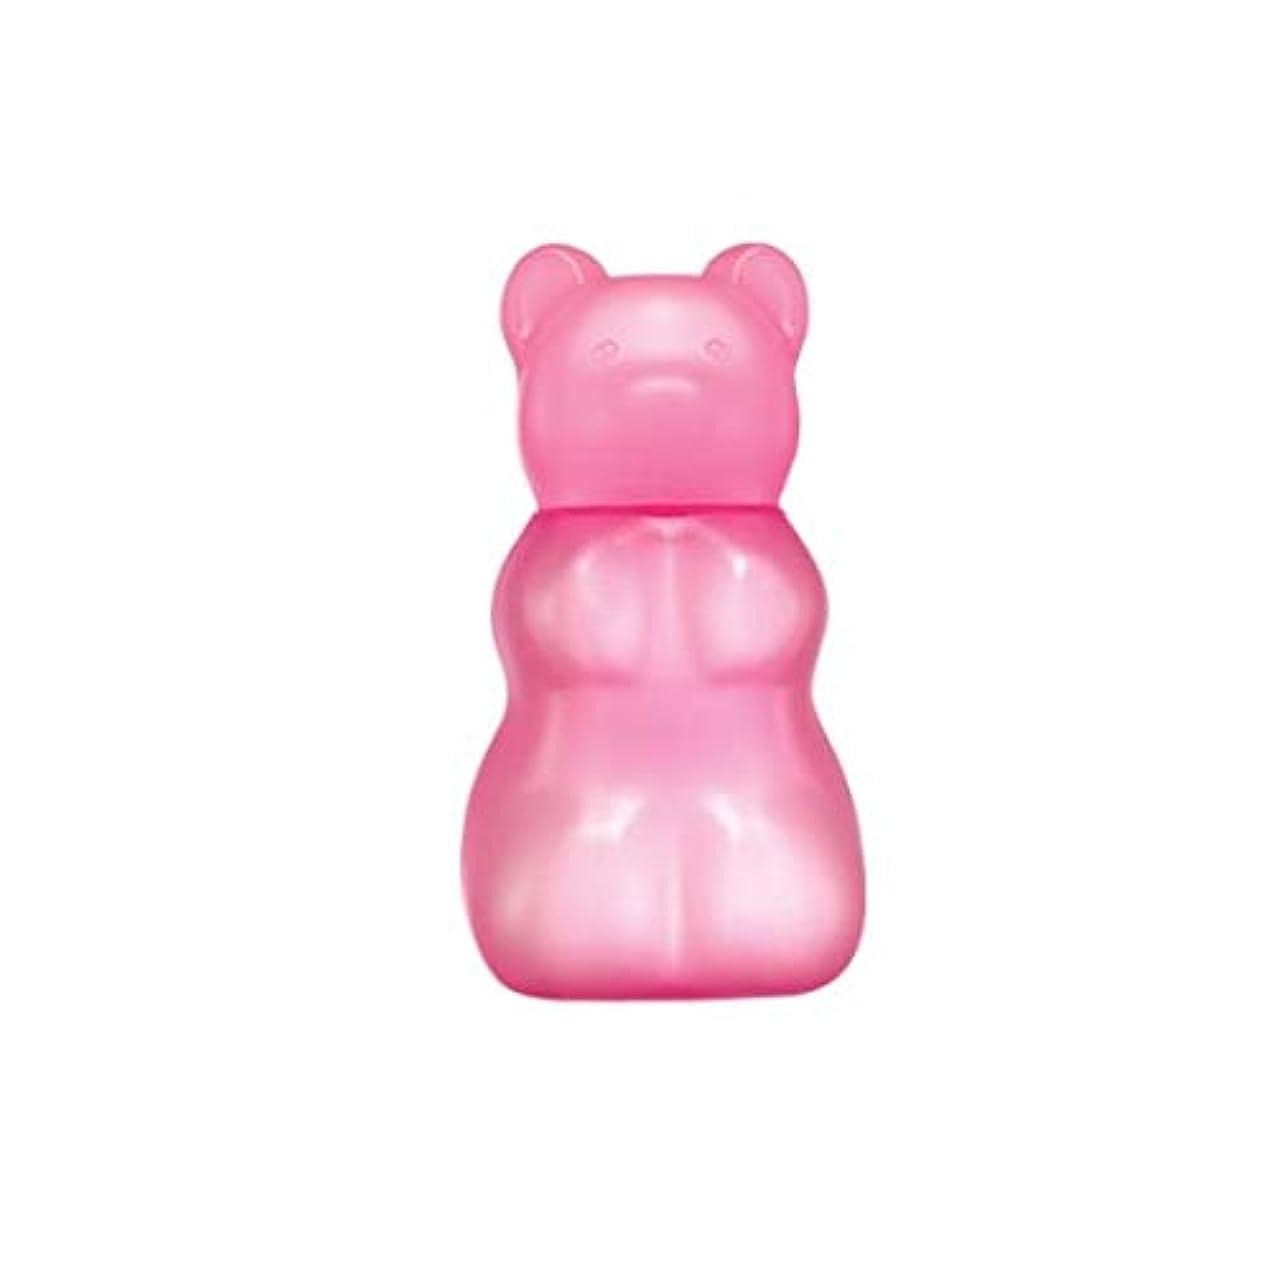 厳しい行列電話するSkinfood グミベアゼリークリーンジェル(アップル)#ラズベリー(ハンドジェル) / Gummy Bear Jelly Clean Gel (Apple) #Raspberry (Handgel) 45ml [並行輸入品]